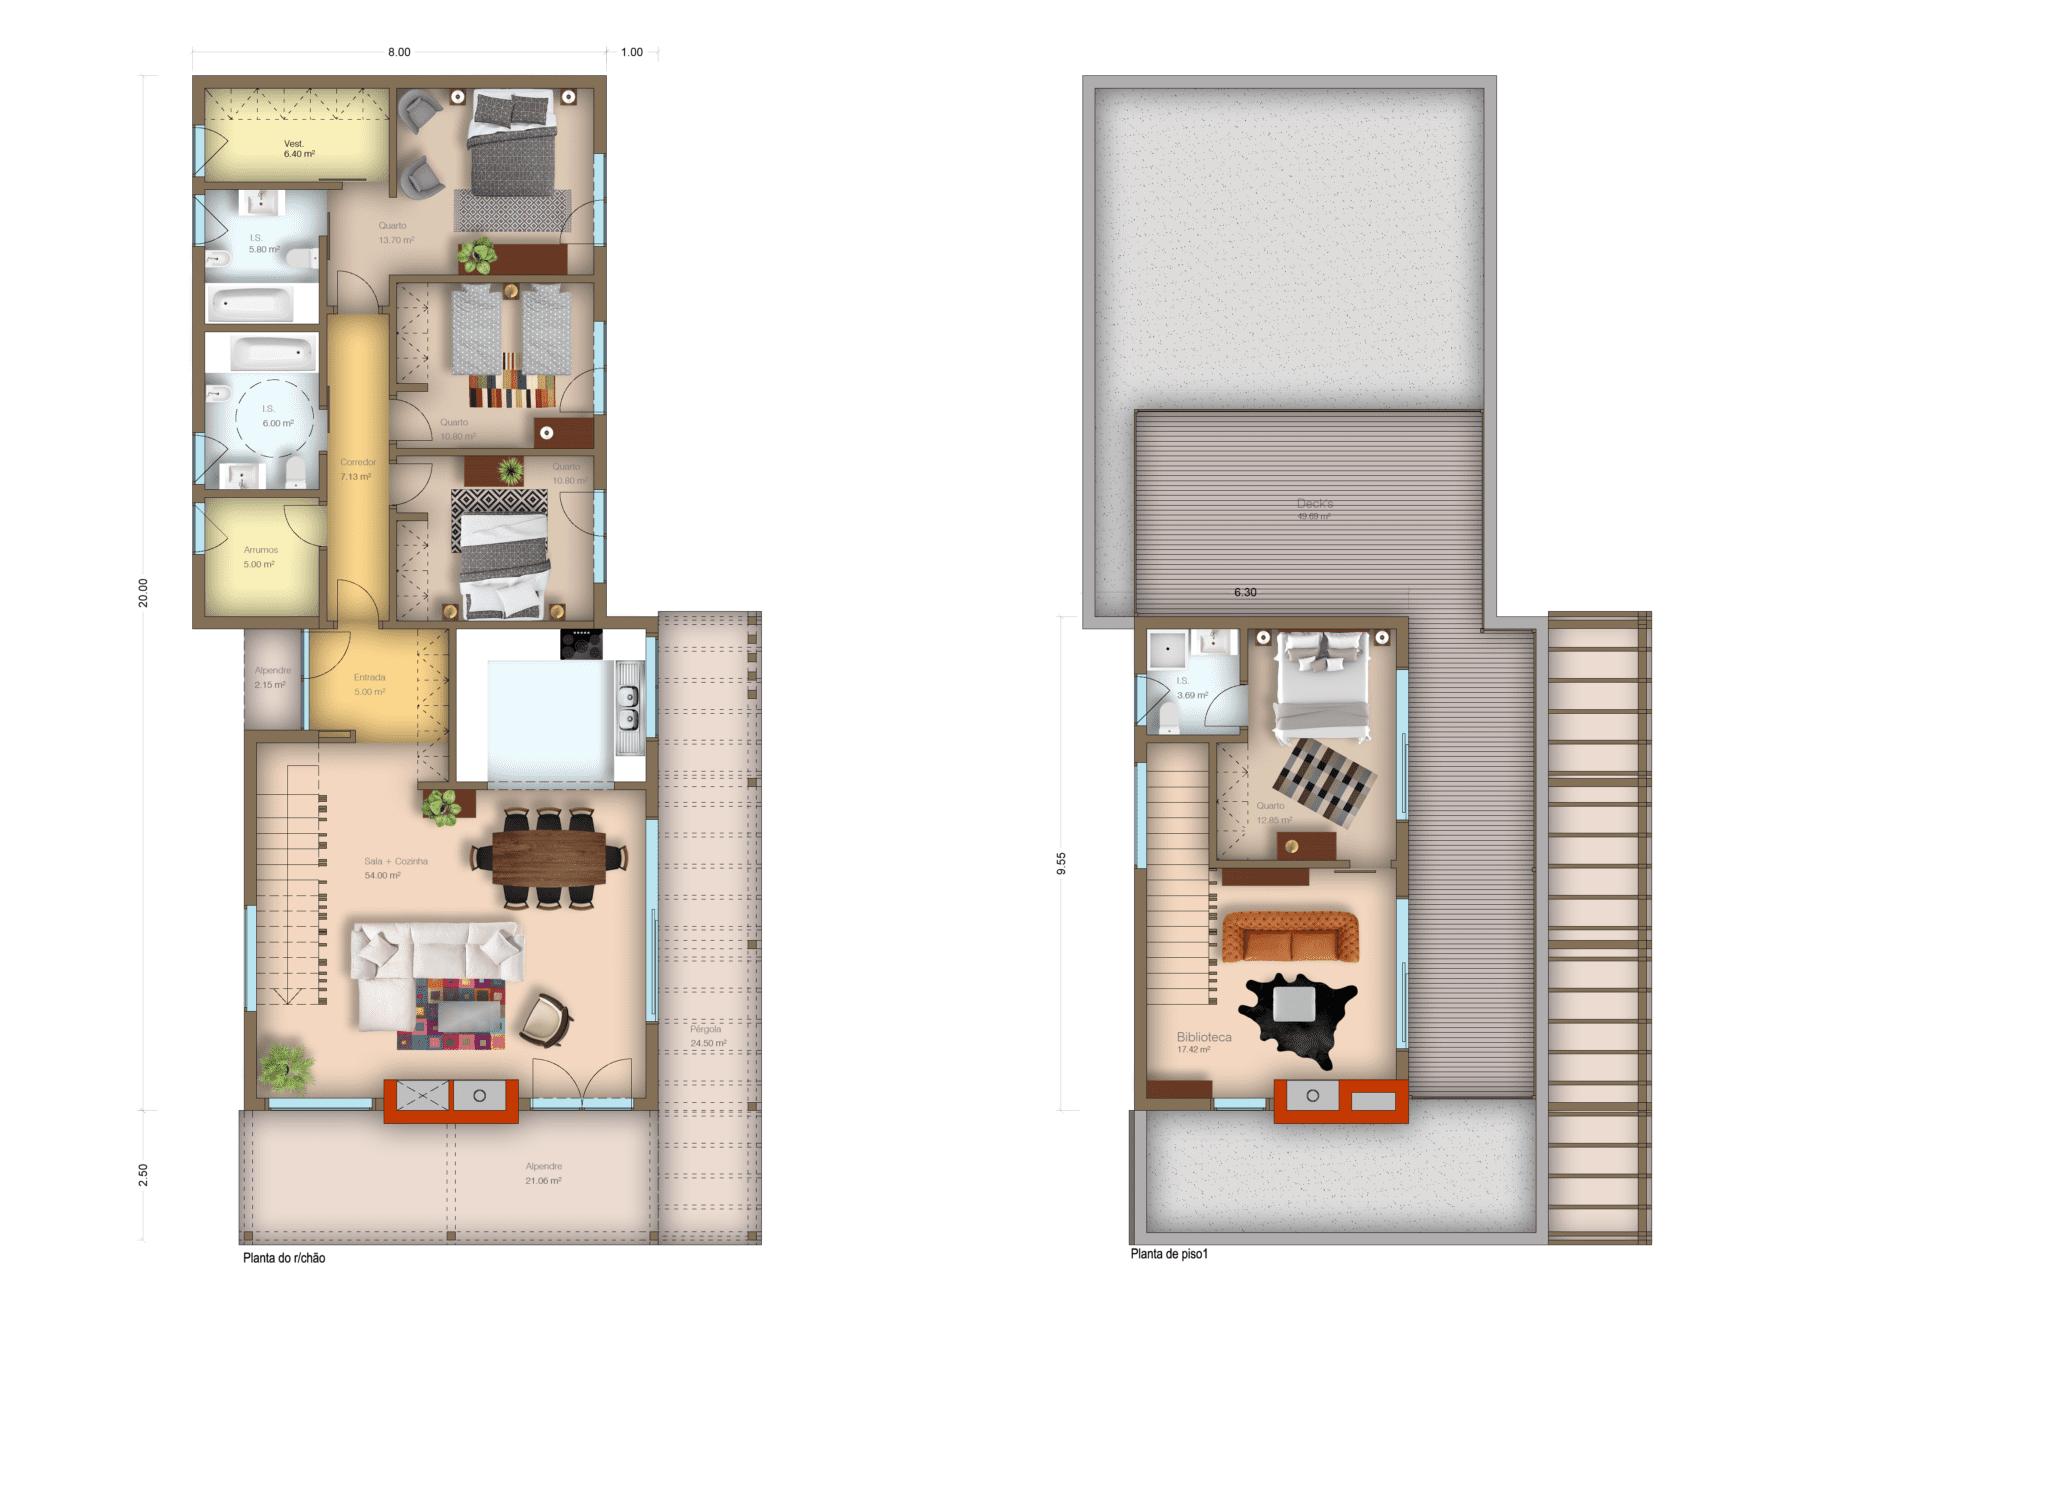 T 4 | RÉS-DO-CHÃO + ANDAR | ÁREA 256 m²